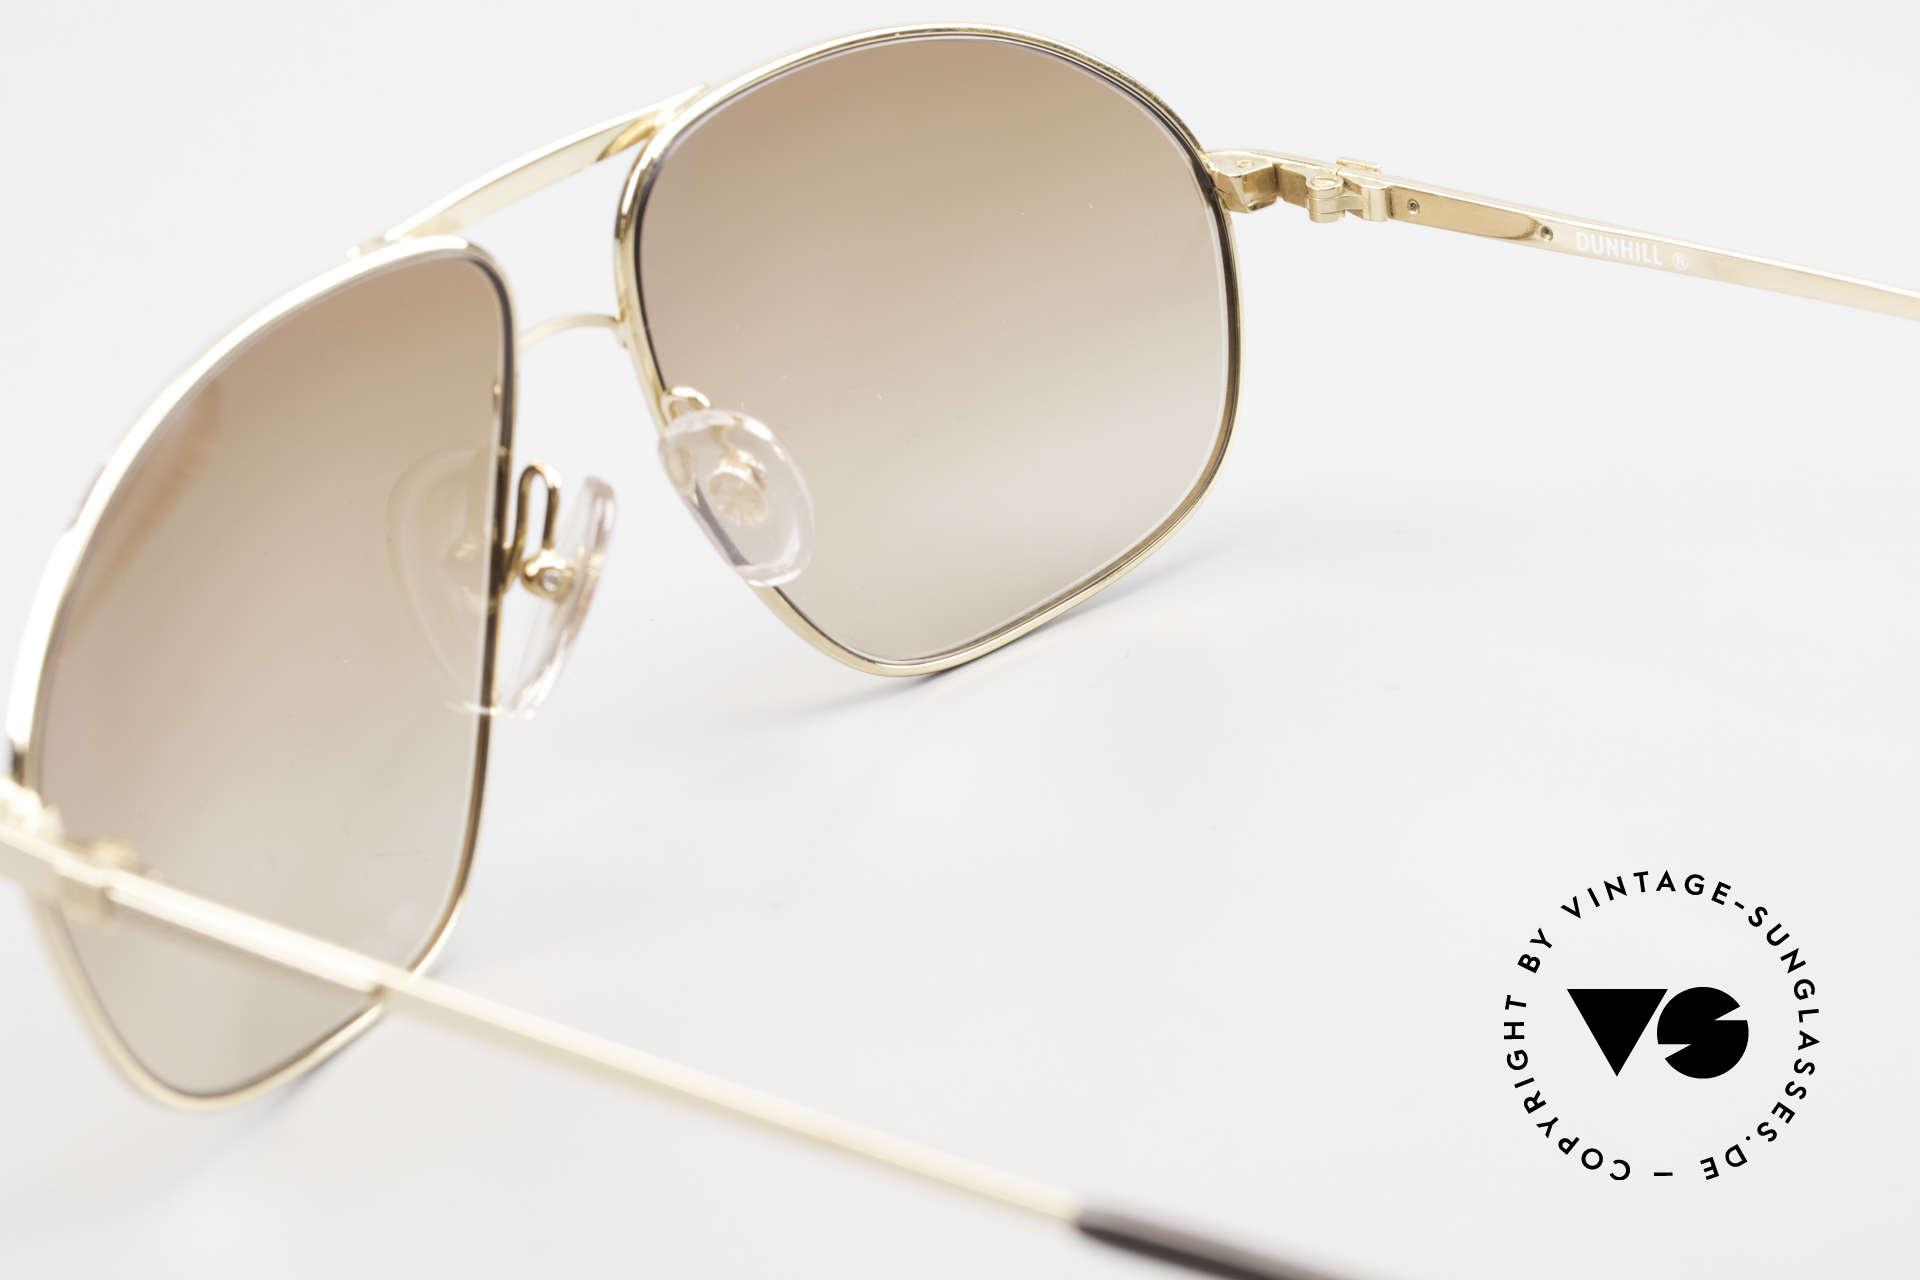 Dunhill 6125 Vergoldete Piloten Brille 90er, KEIN RETRO, sondern ein kostbares altes ORIGINAL, Passend für Herren